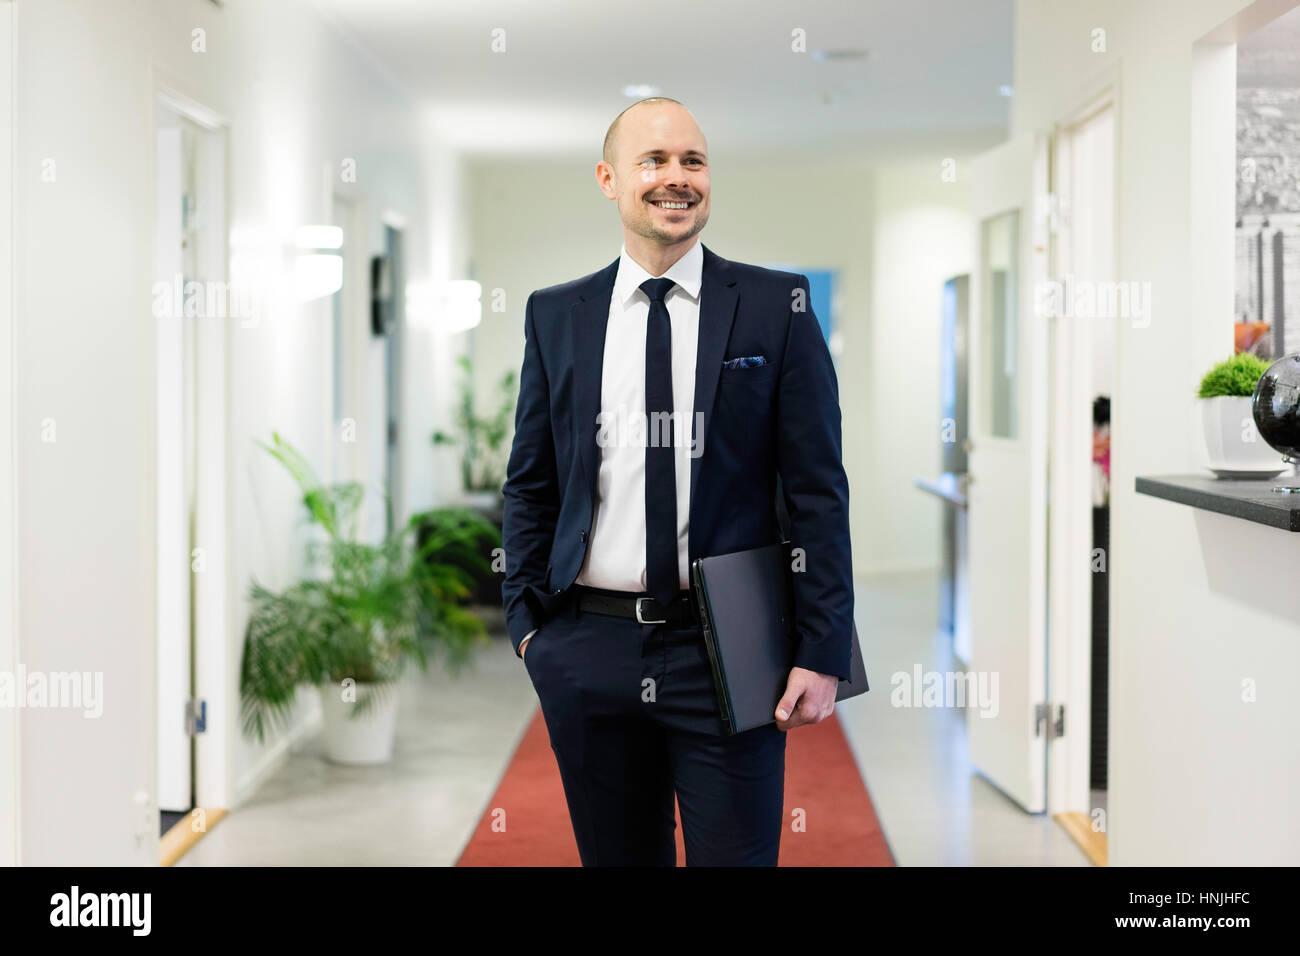 Hombre caucásico sueco en traje y corbata. La etnia europea escandinavo. Las oficinas interiores. Sonriente Imagen De Stock